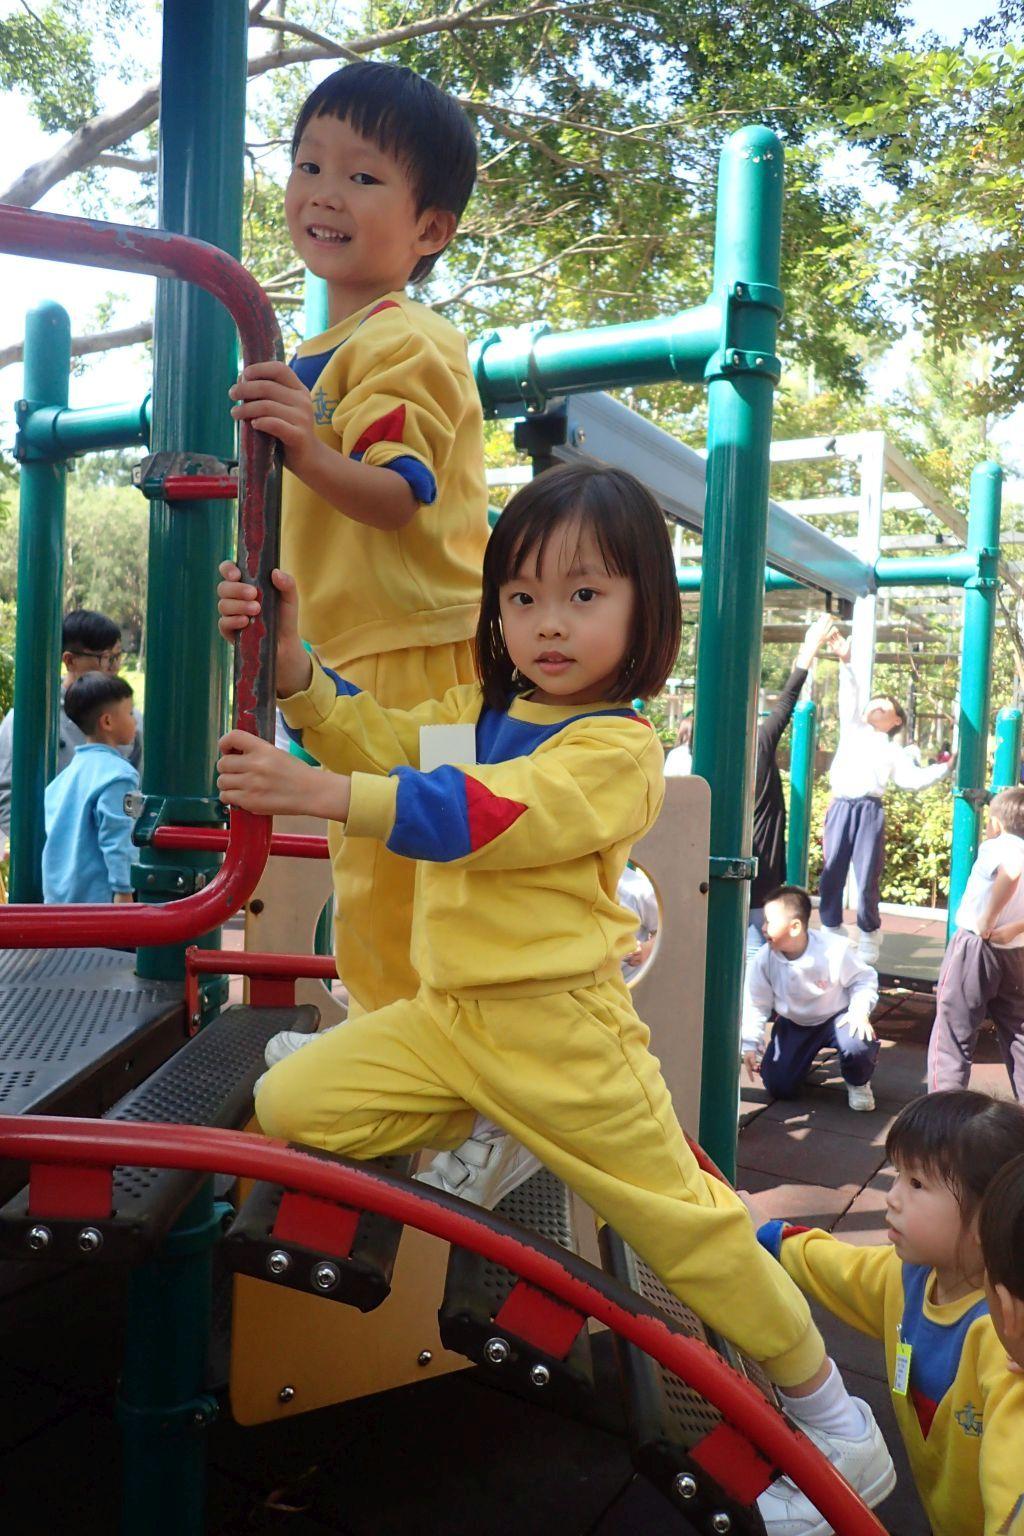 slide-98 slide